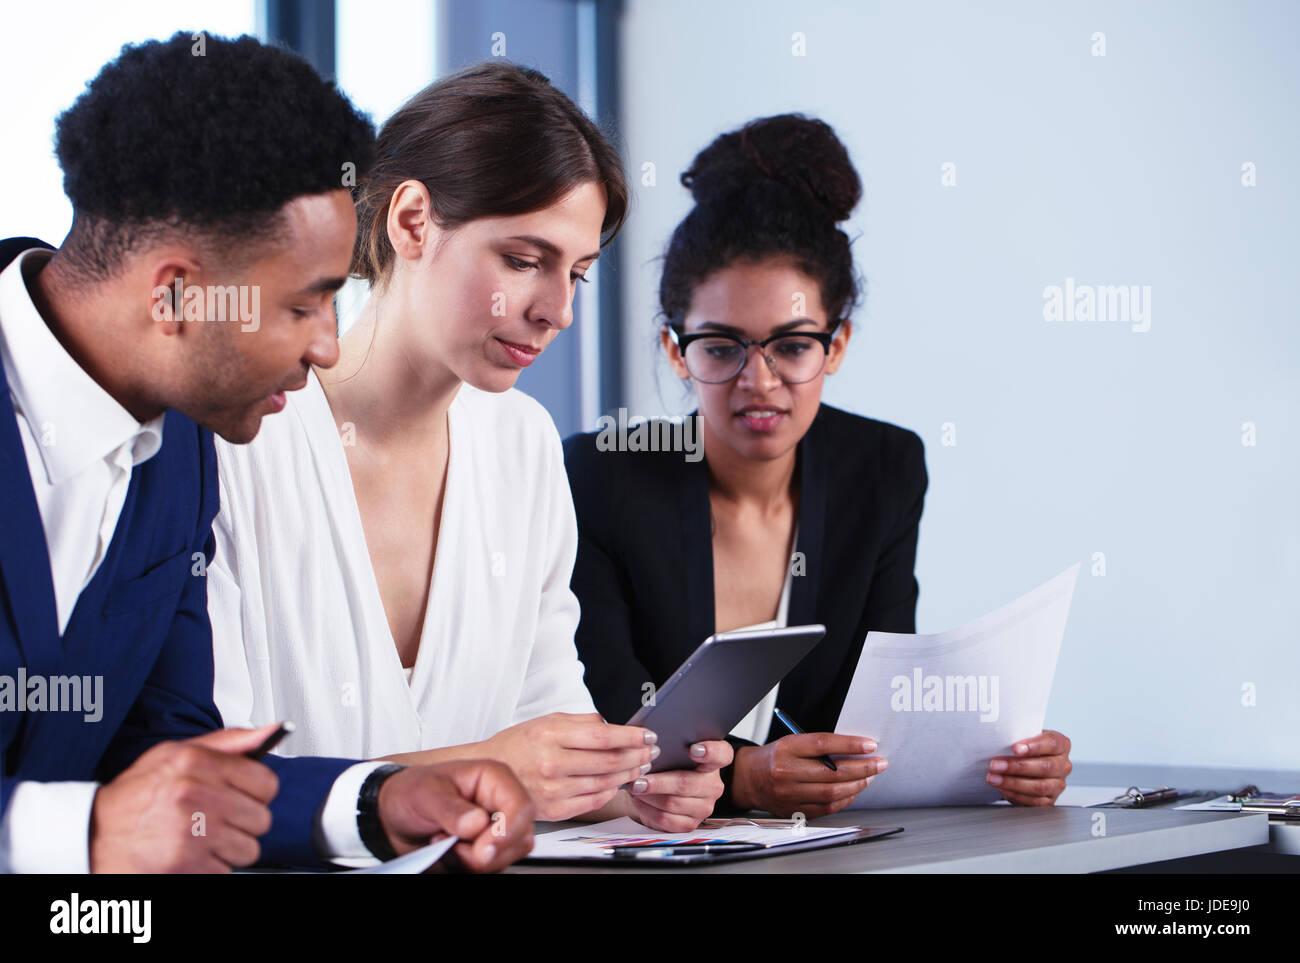 Equipo de la persona de negocios que trabaja conjuntamente. Concepto de trabajo en equipo Imagen De Stock